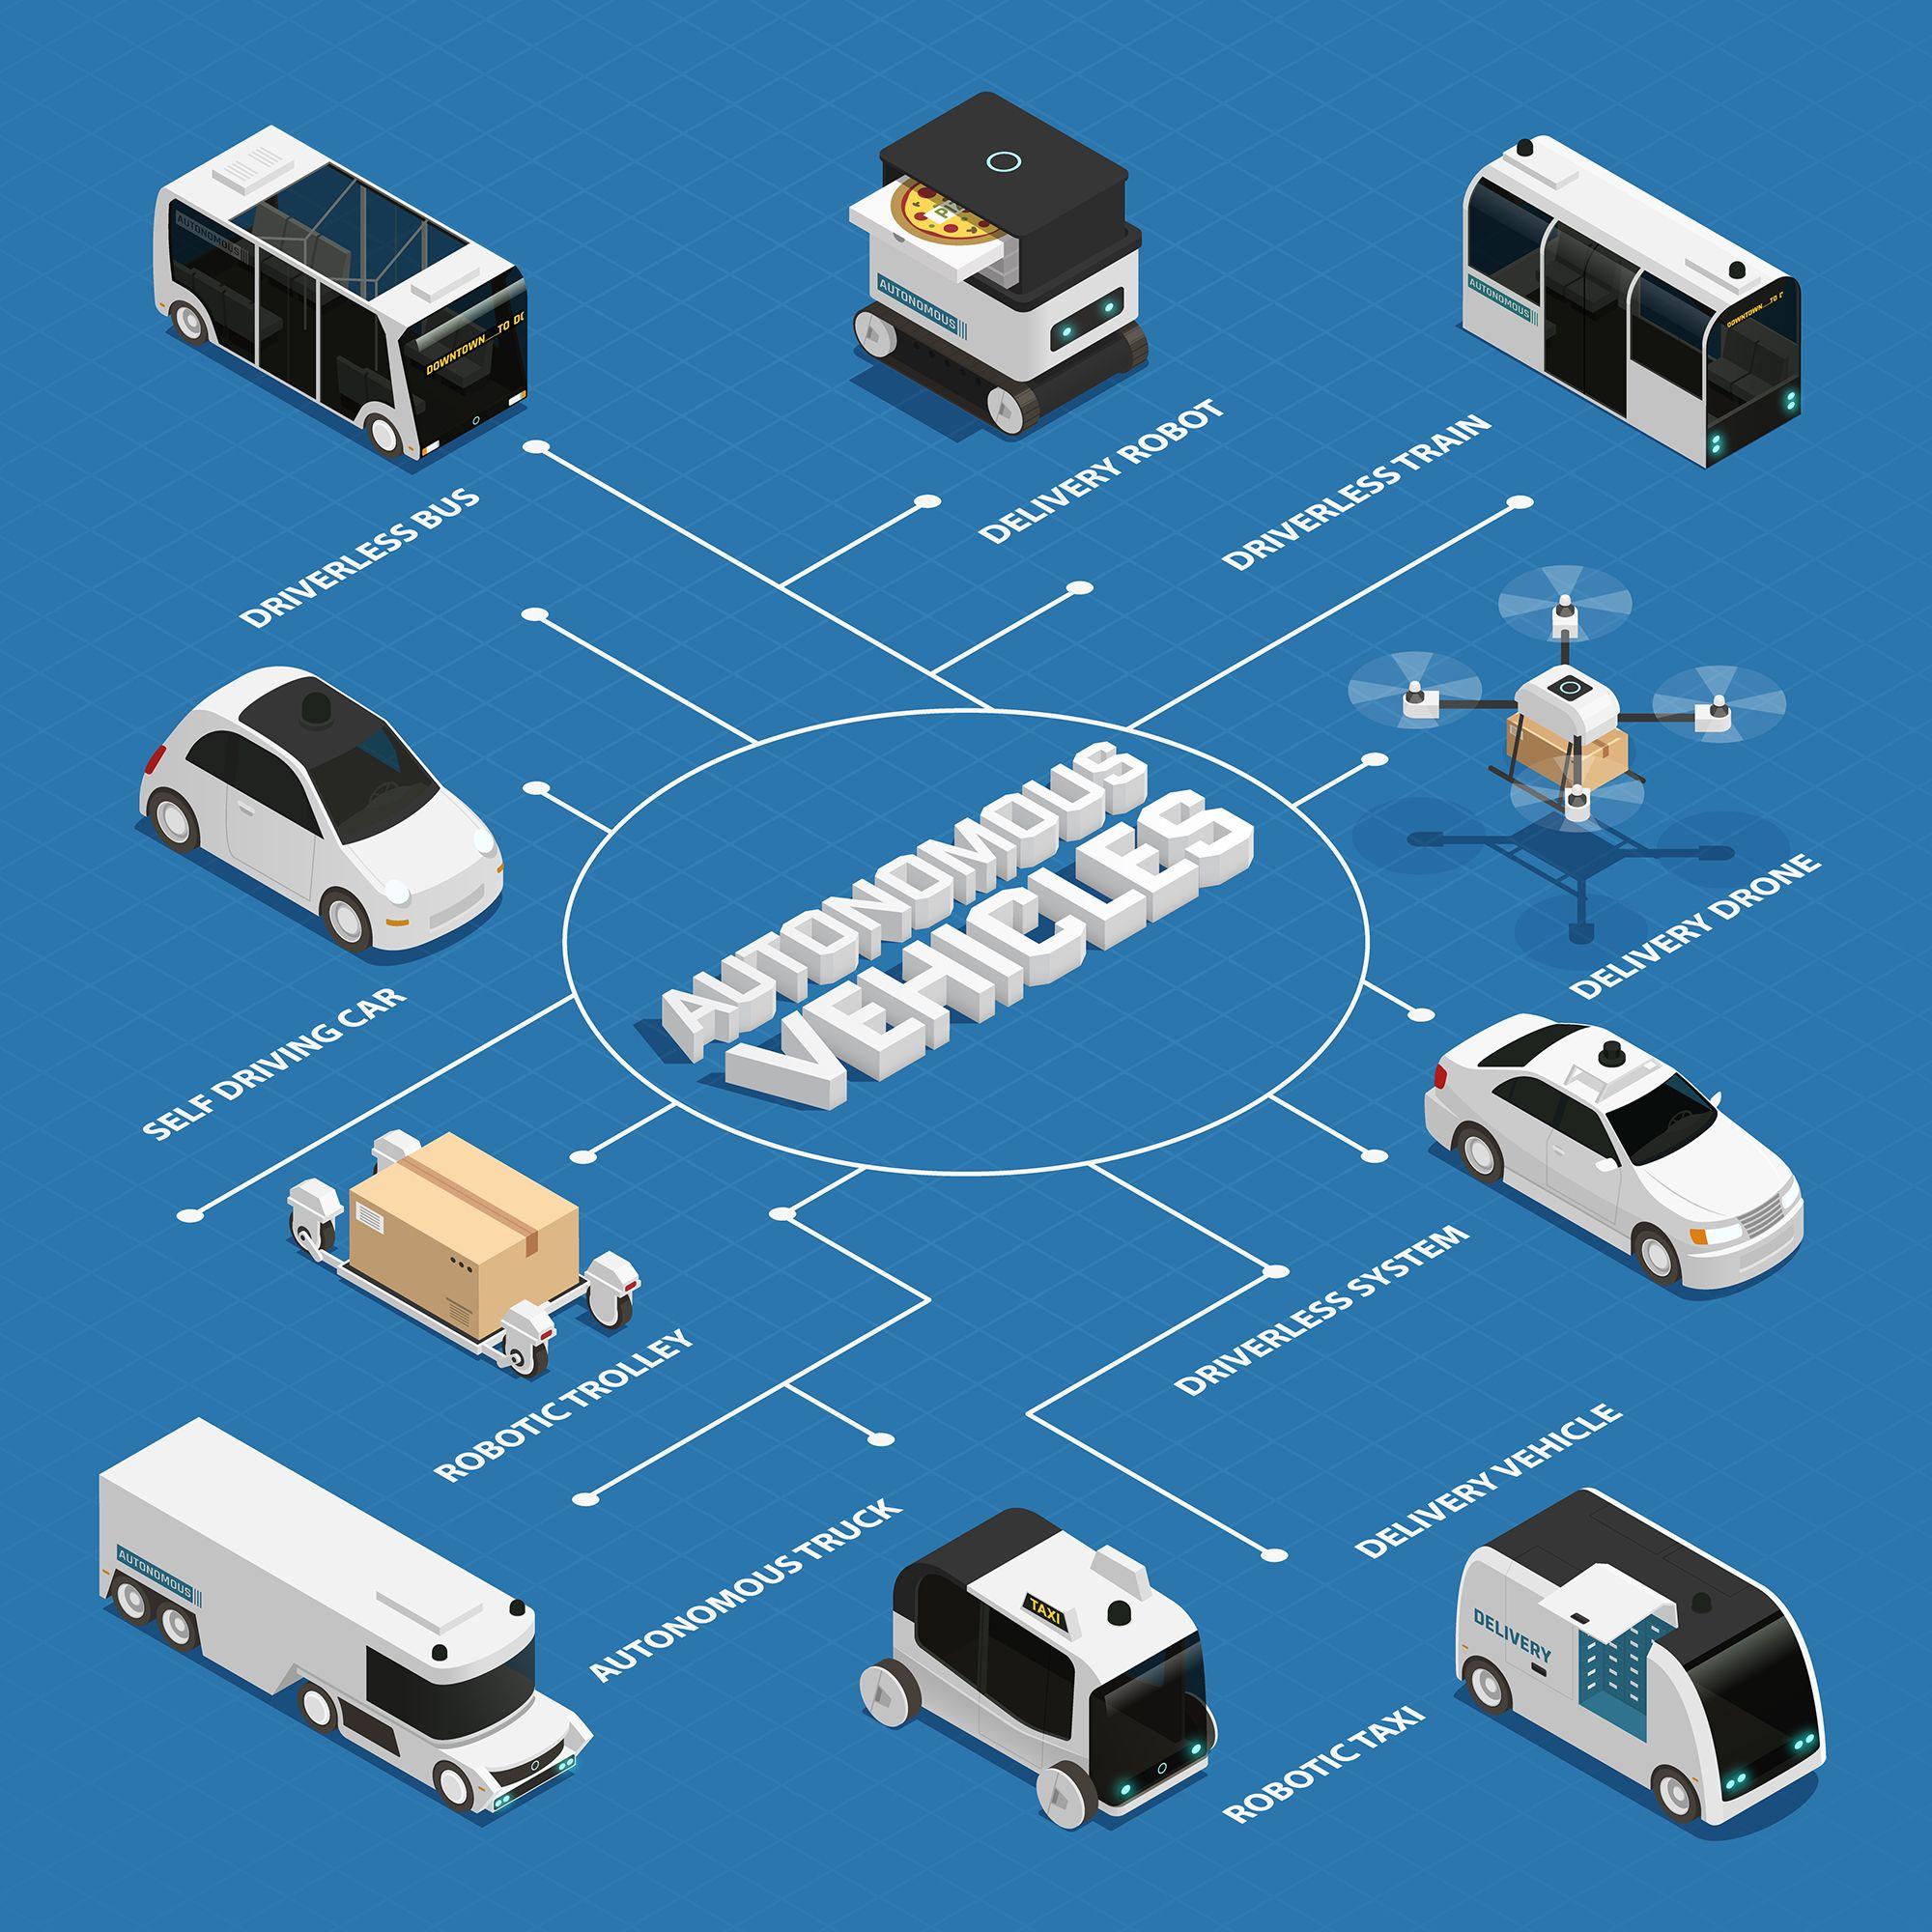 vehicule-livraison-autonome-supply